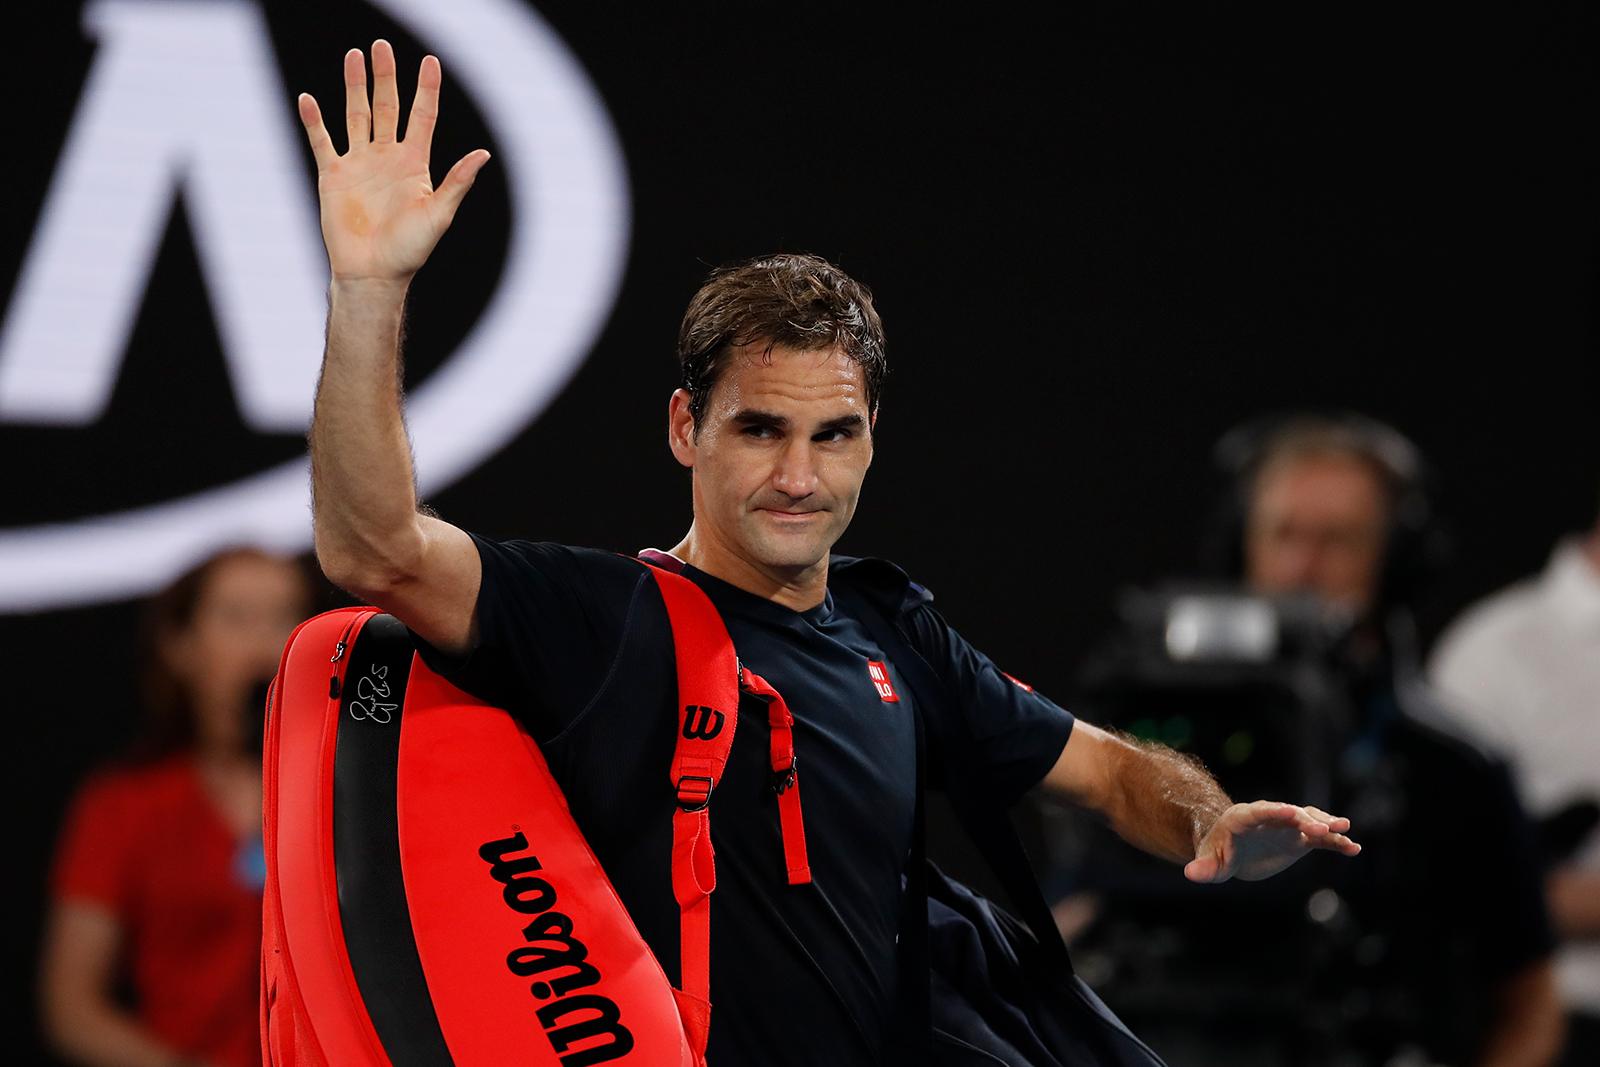 Roger Federer withdraws from 2021 Australian Open